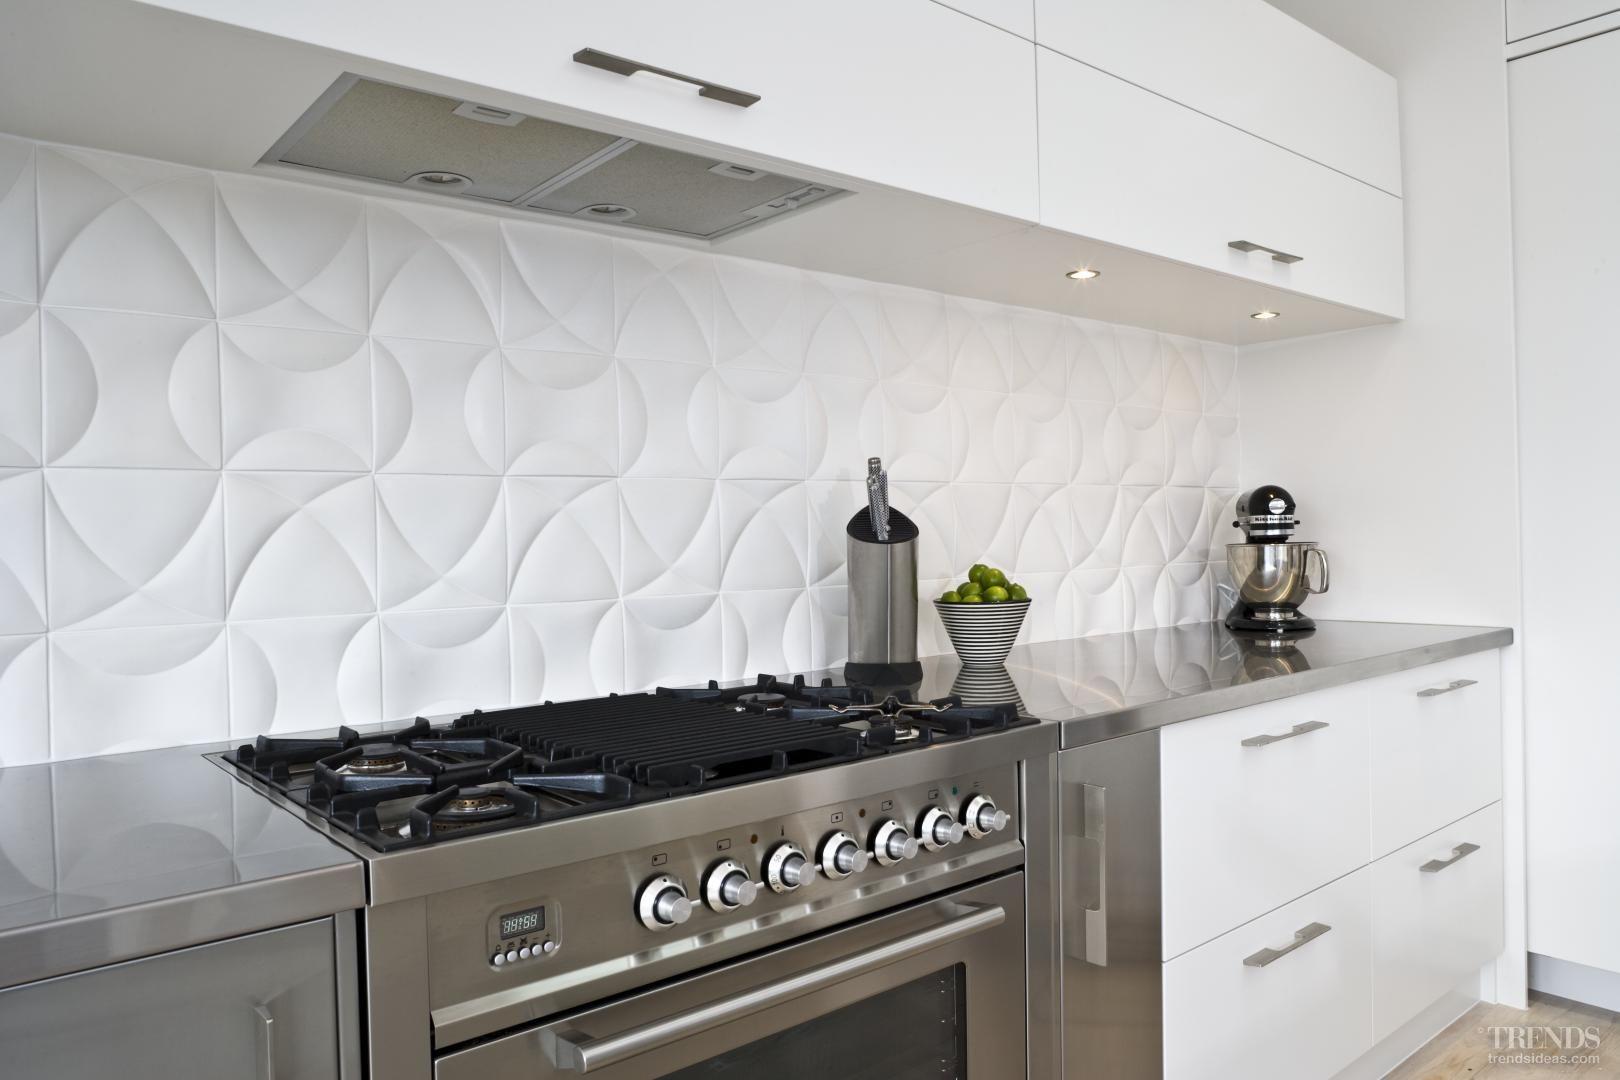 Abwaschbare Farbe Statt Fliesen Küche abwaschbare farbe statt fliesen küche | stauraumbett selbst bauen